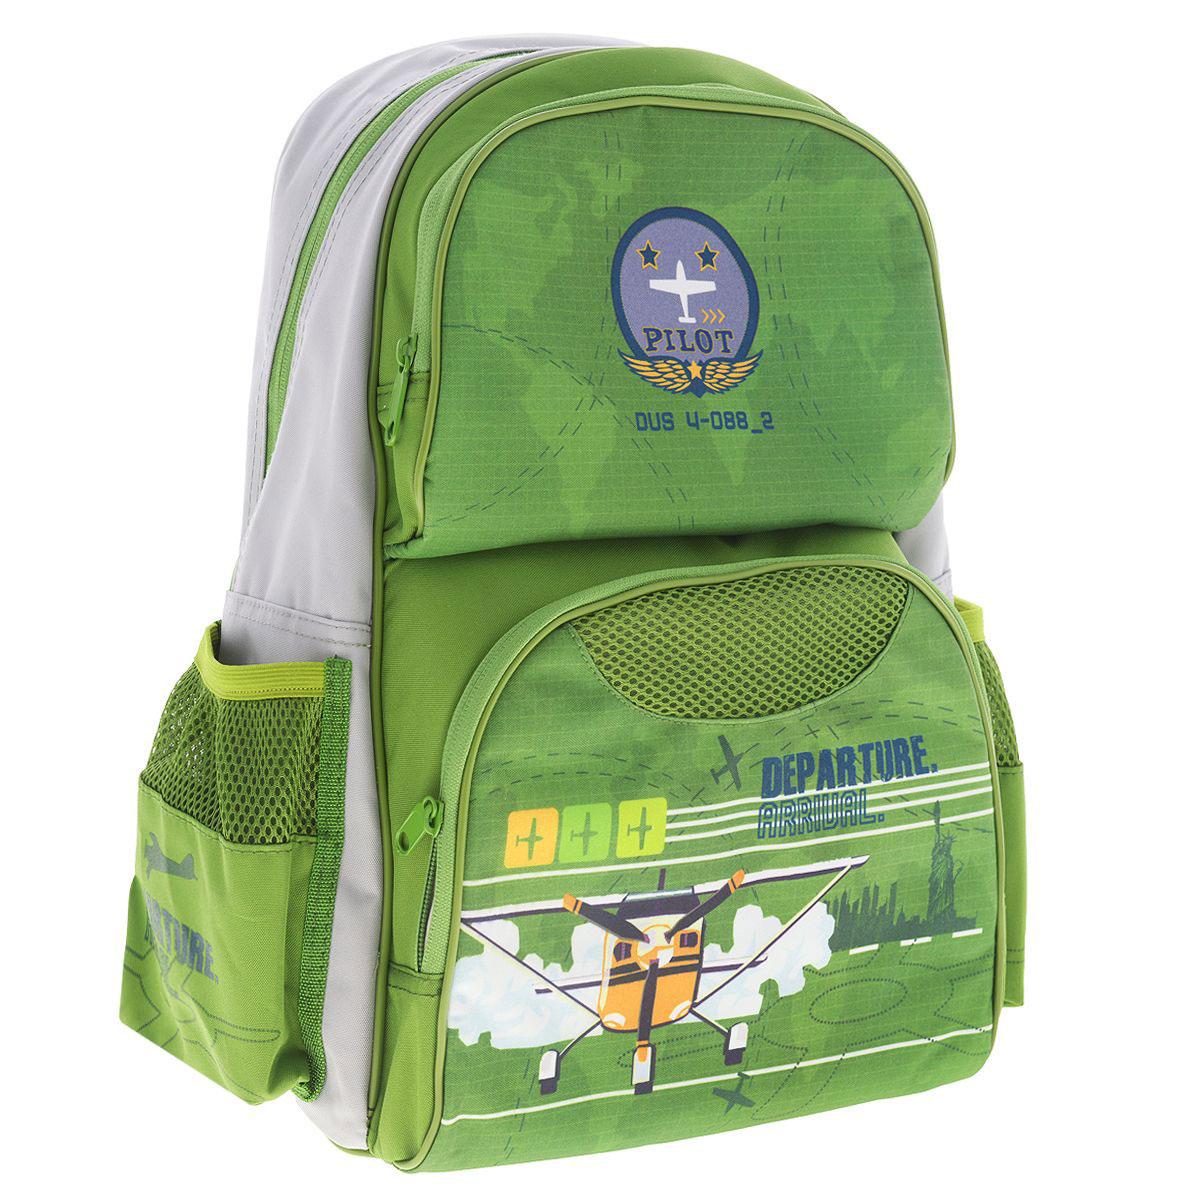 Рюкзак школьный Tiger Enterprise My Collection, цвет: зеленый, серый72523WDСтильный школьный рюкзак My Collection небольшого размера - это красивый и удобный ранец, который подойдет всем, кто хочет разнообразить свои школьные будни. Благодаря анатомической спинке, повторяющей контур спины и двум эргономичным плечевым ремням, длина которых регулируется, у ребенка не возникнут проблемы с позвоночником. Ранец, выполненный из антибактериального, водоотталкивающего и не выгорающего на солнце материала, оформлен изображением самолета. Ранец состоит из одного основного отделения, закрывающегося на застежку-молнию. Внутри - накладной открытый карман. На внешней стороне рюкзак имеет два дополнительных кармана на застежке-молнии. По бокам рюкзак имеет два сетчатых кармана. Также есть текстильная ручка, с прорезиненной вставкой, для удобной переноски.